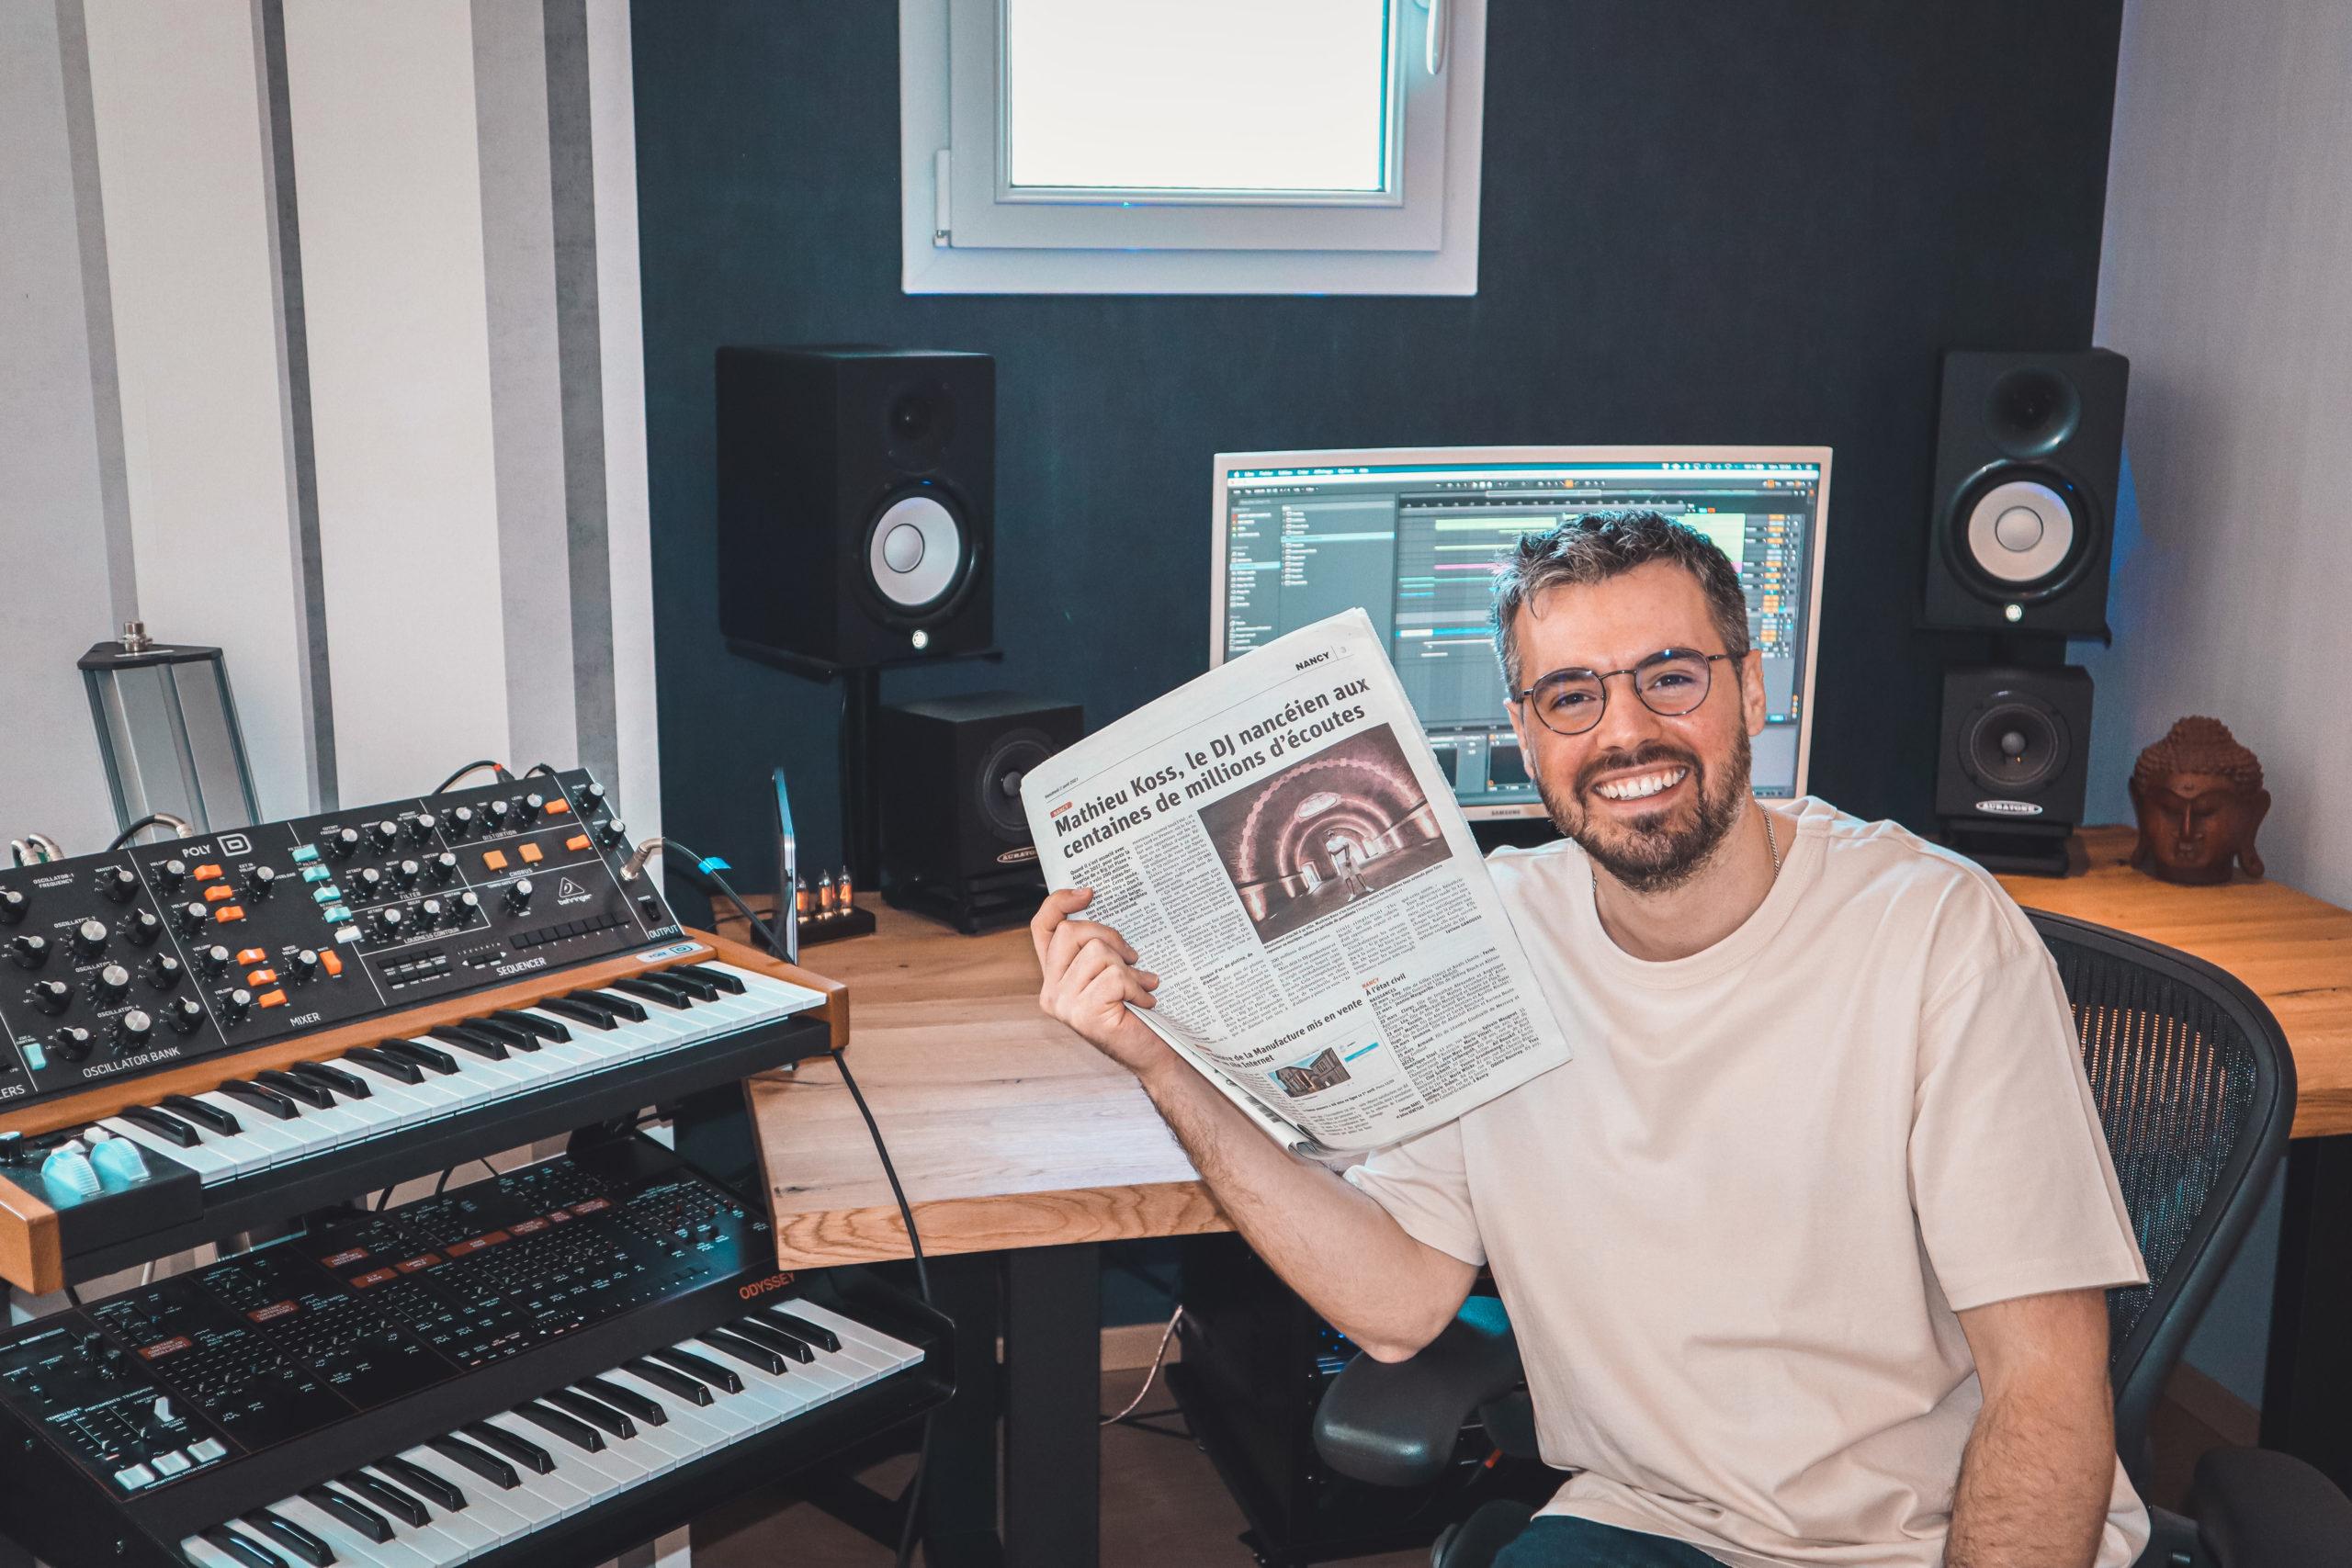 Avec « Don't leave me now », le DJ Mathieu Koss connaît un nouveau succès mondial